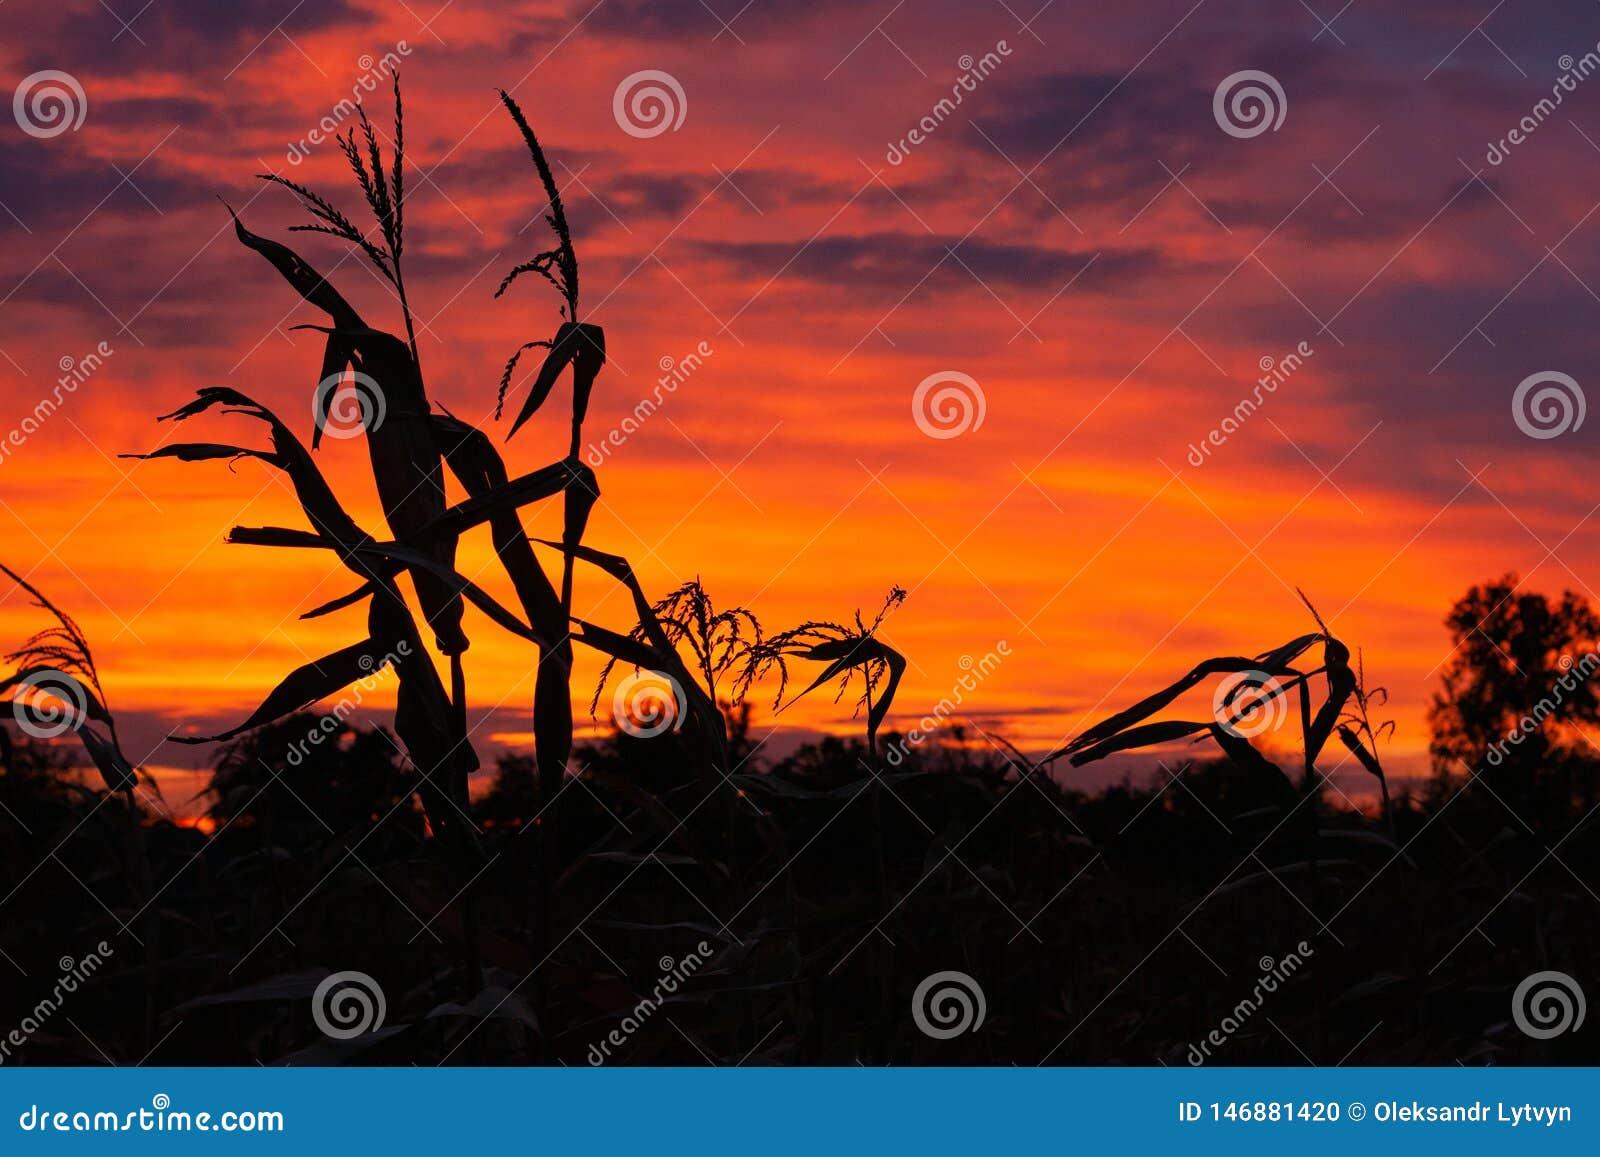 Σκιαγραφίες του καλαμποκιού στο υπόβαθρο ενός όμορφου ουρανού ηλιοβασιλέματος